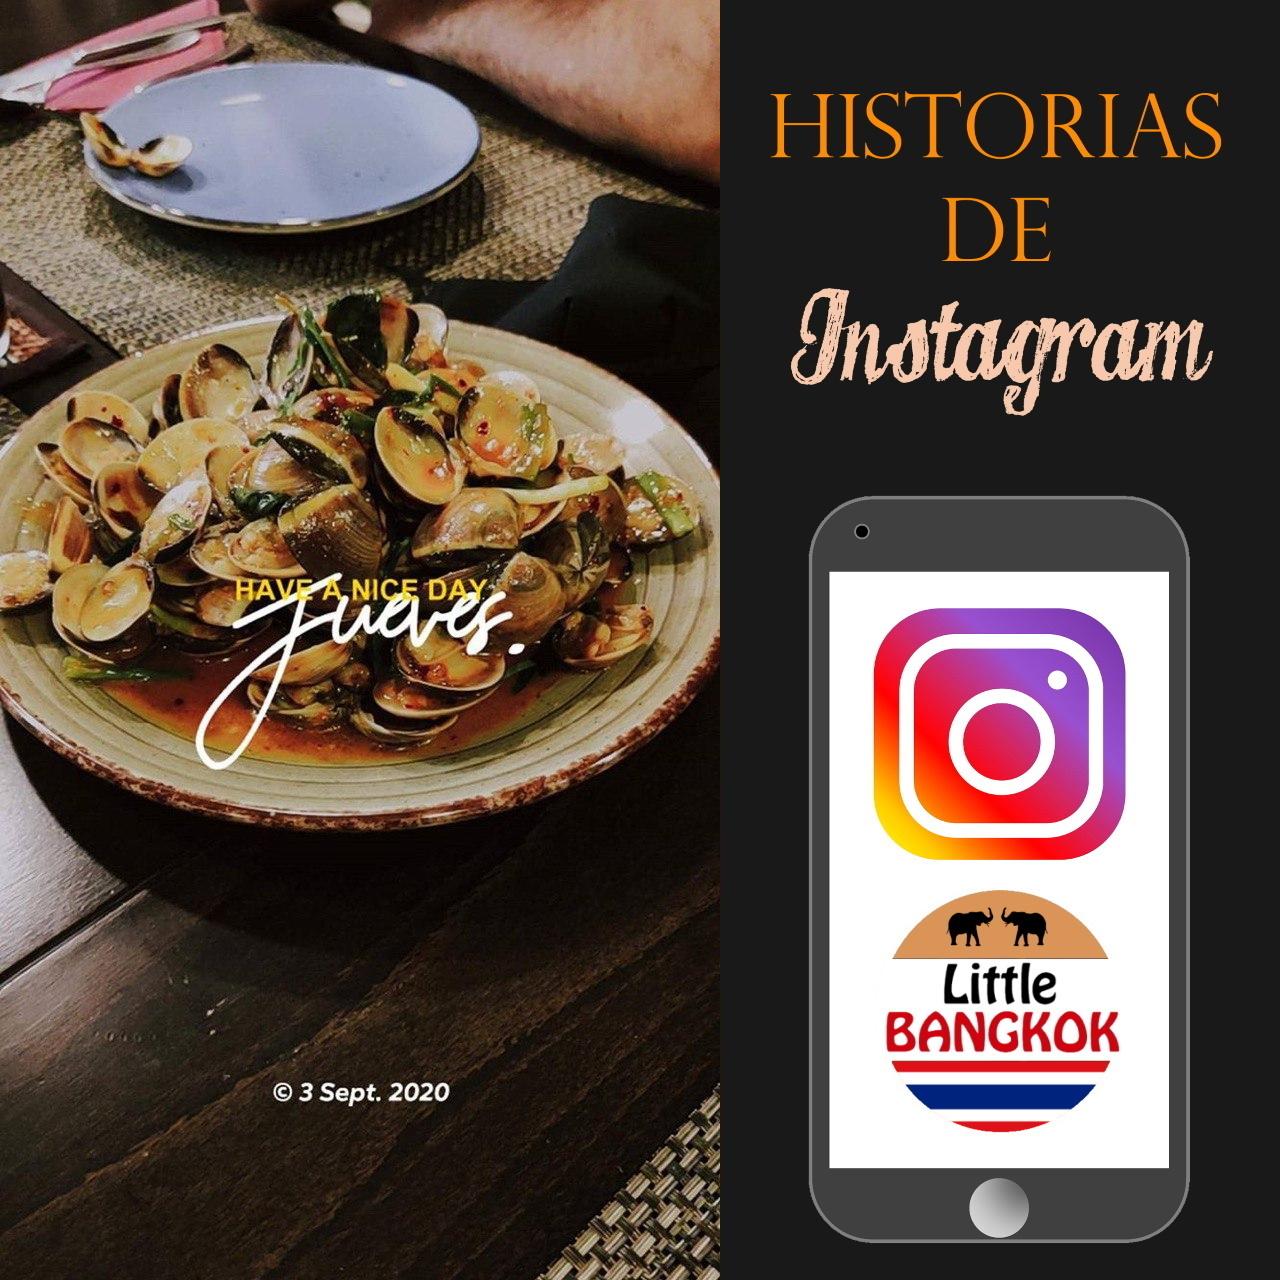 Historias de Instagram - Setembre Semana 2b